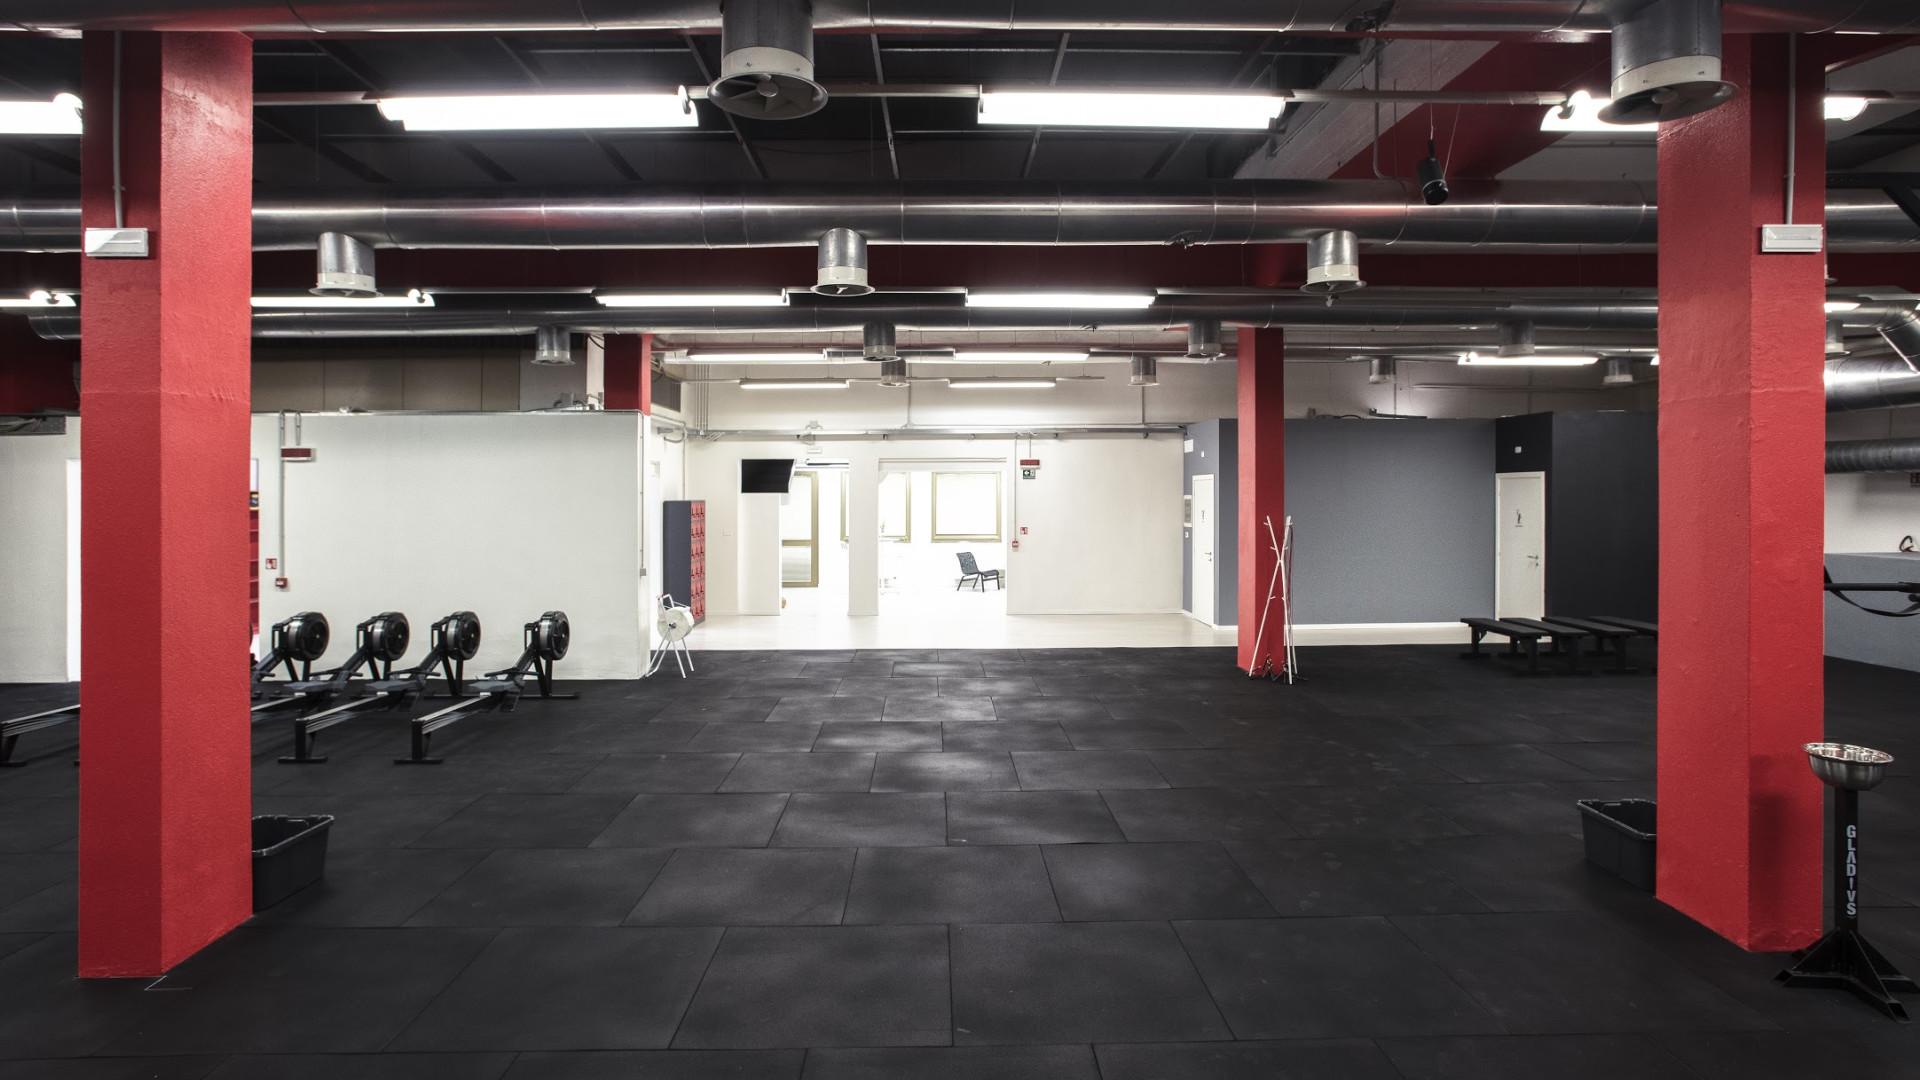 CrossFit Nolo Milano